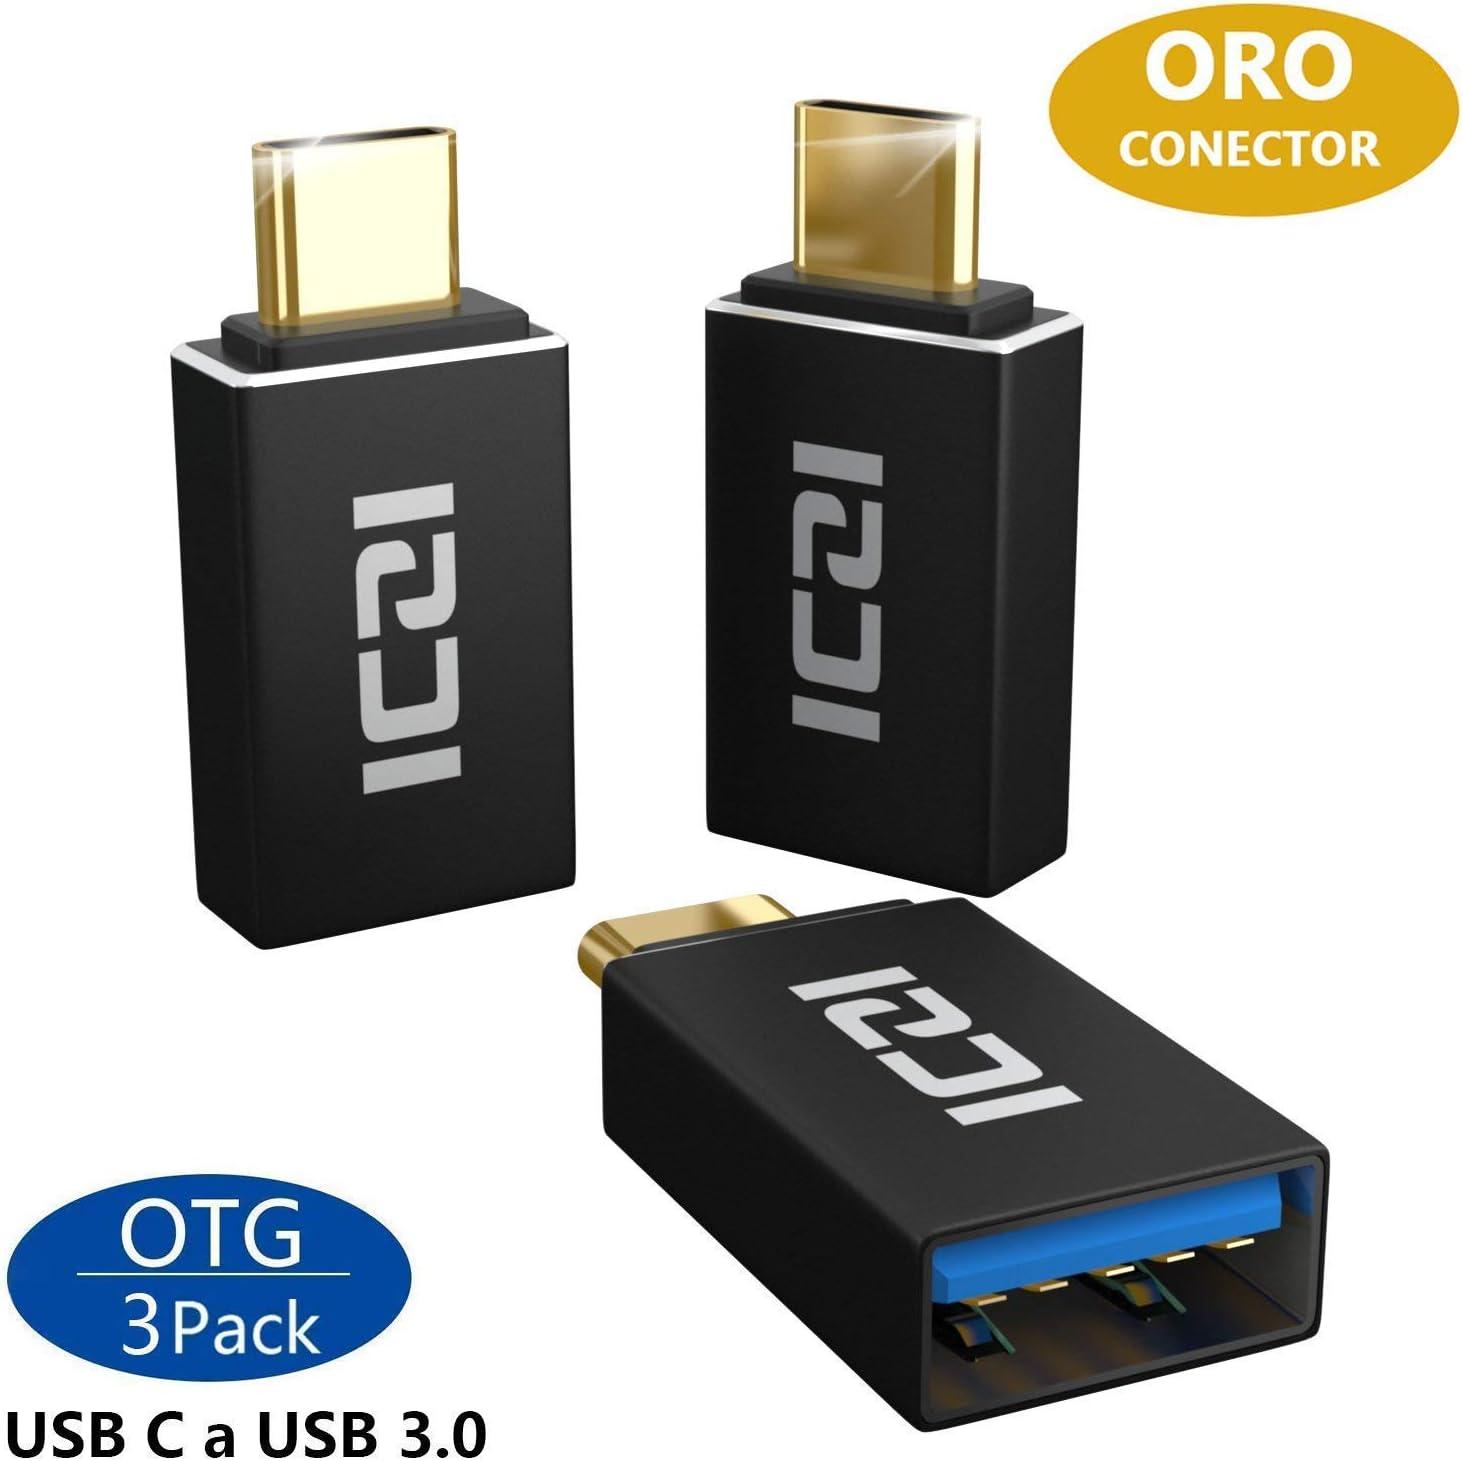 3 adaptadores USB-C ICZI con contactos chapados en oro por sólo 5,59€ usando el #código: ZTHDCAMD